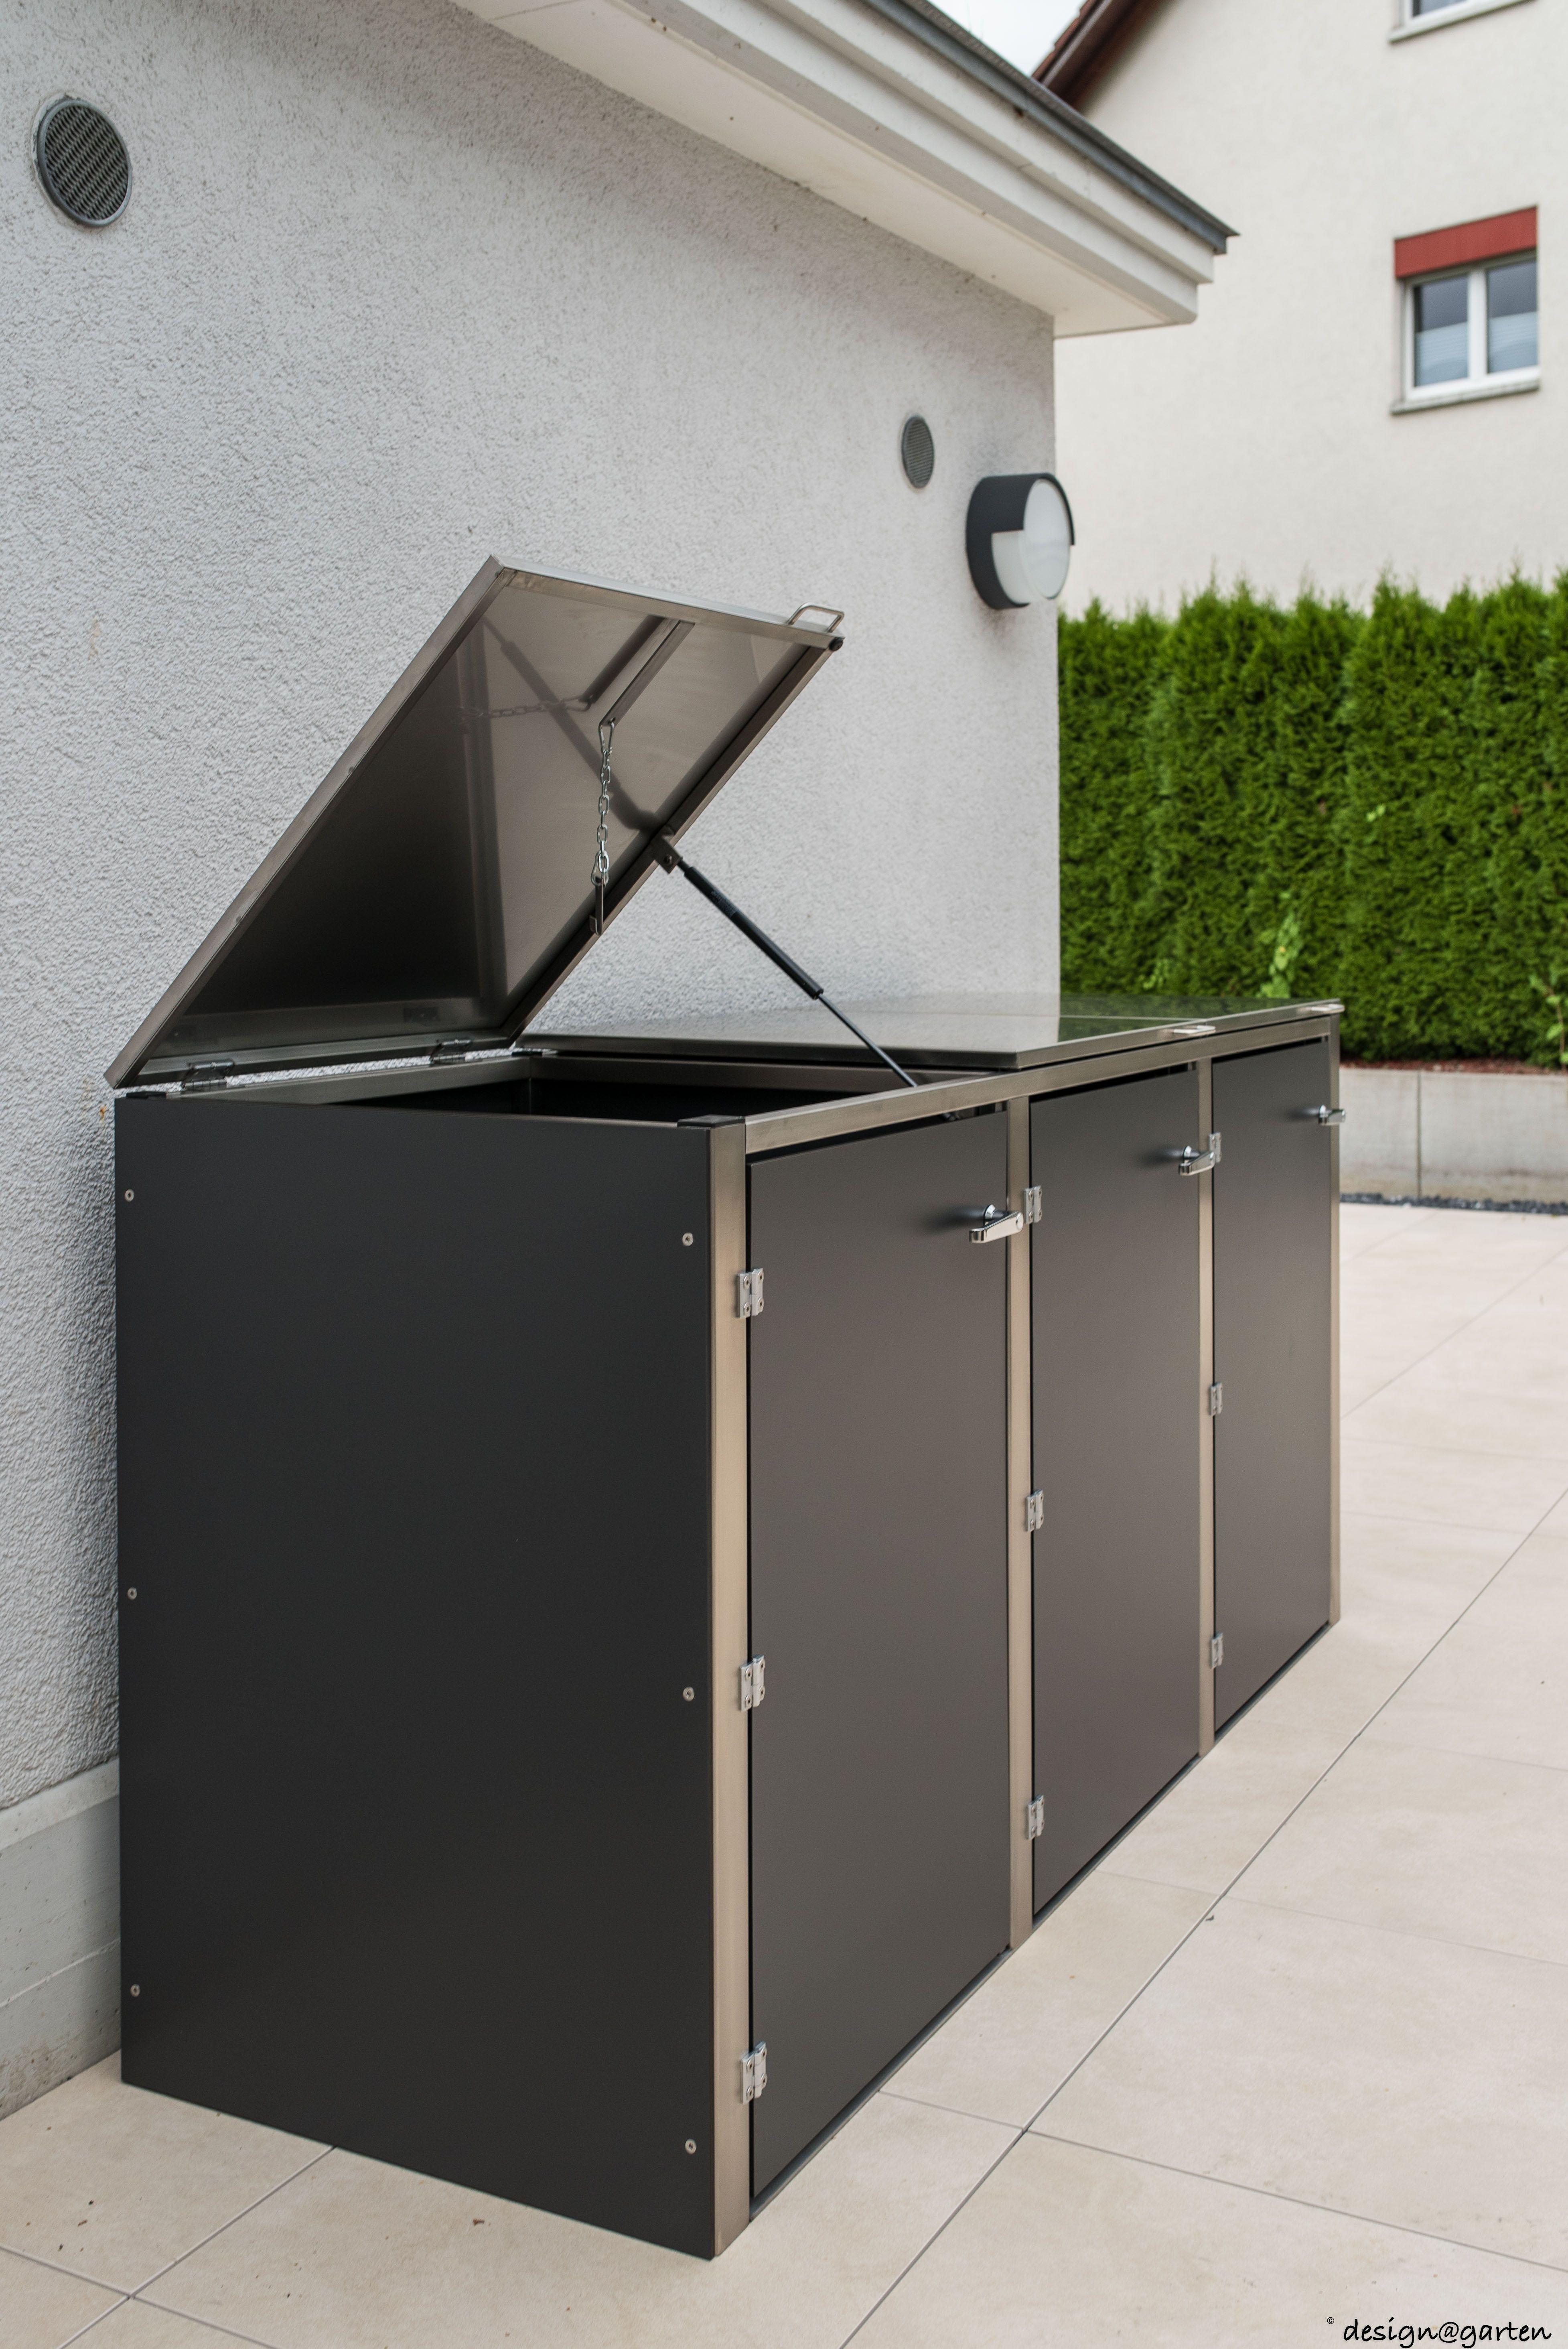 mülltonnenbox (@)boxx by design@garten, augsburg-germany. projekt in